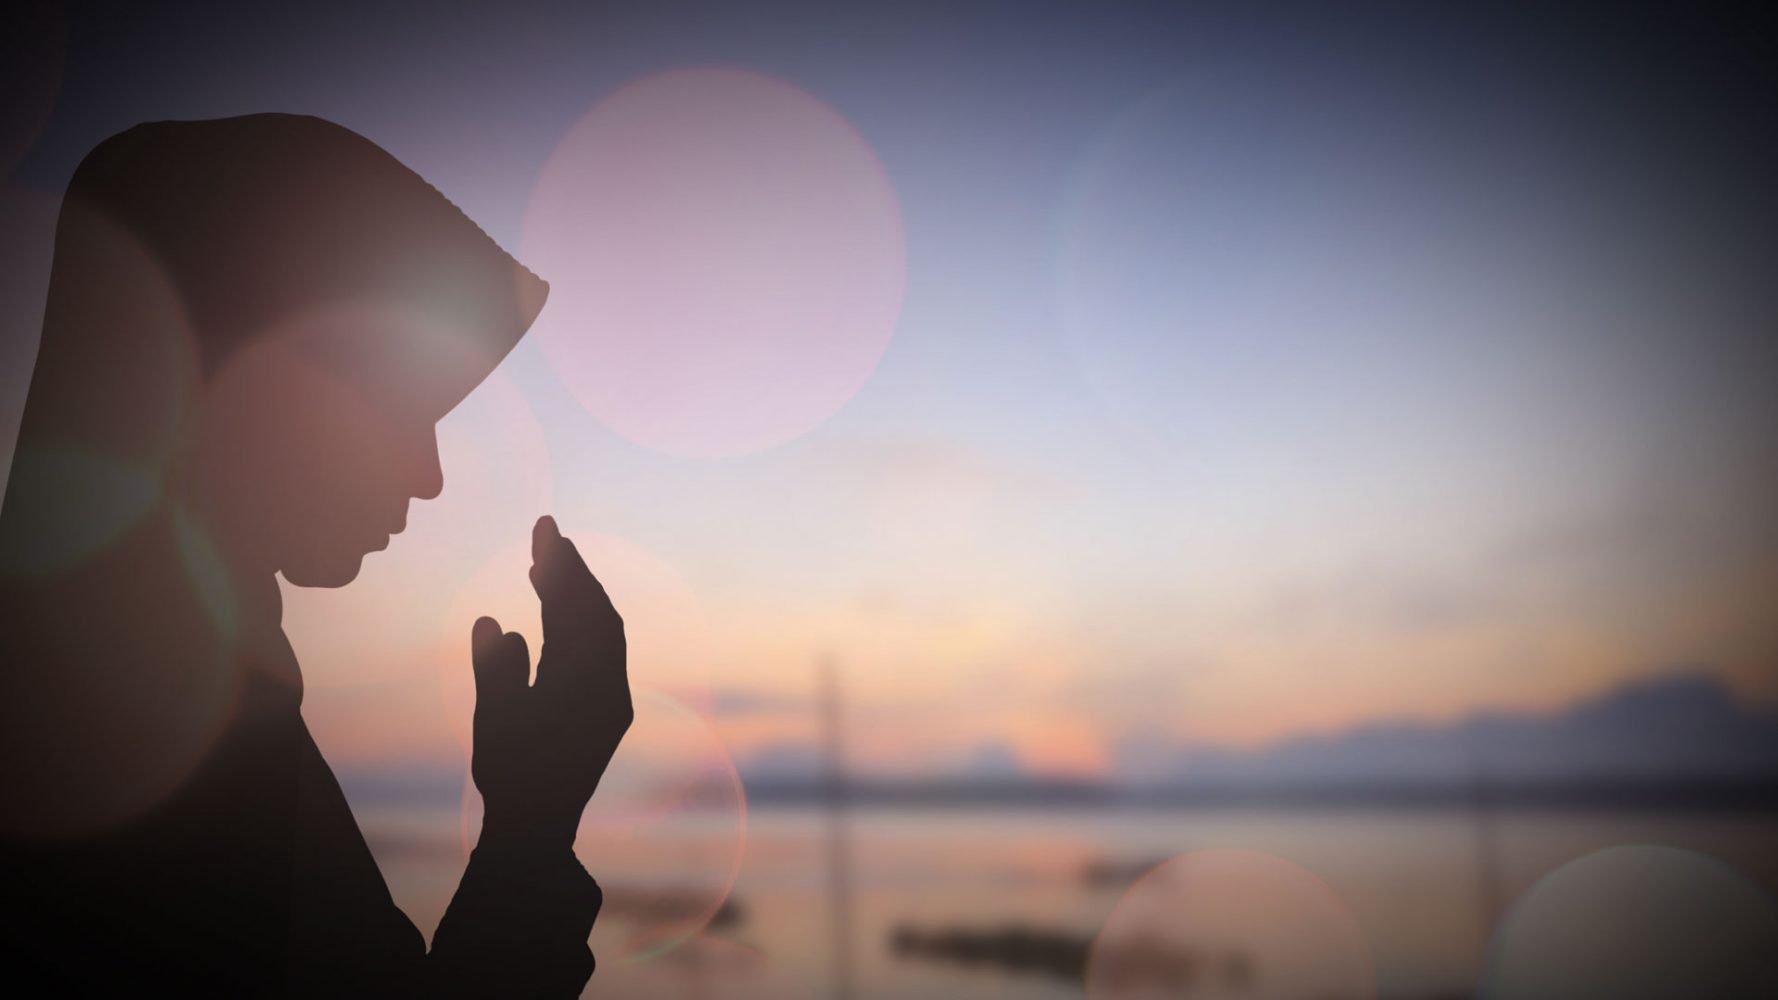 İslam, Namus Cinayetleri Probleminin Kaynağı Değil, Aksine Bu Sorunun Çözümünün Bir Parçasıdır.